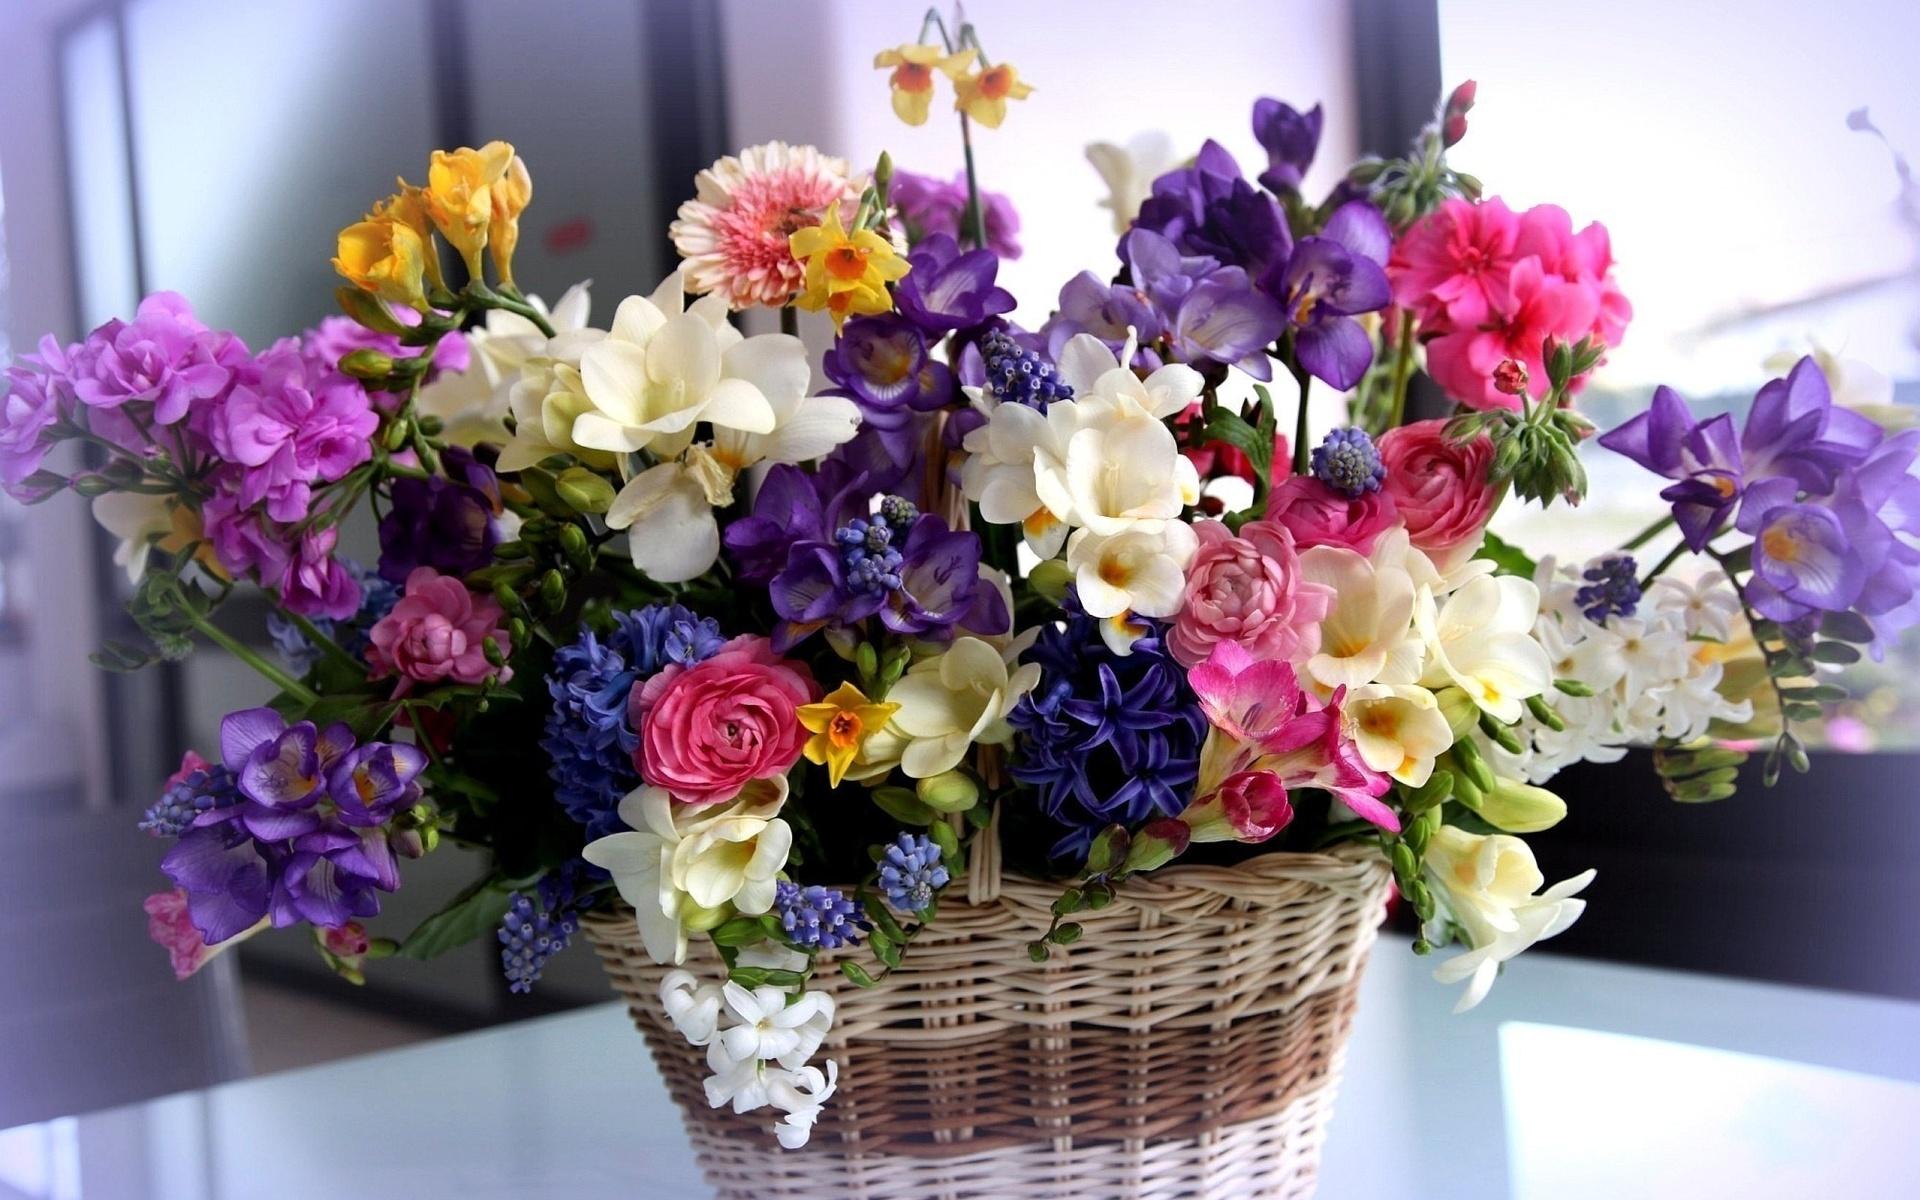 Открытка днем, открытка цветы послать